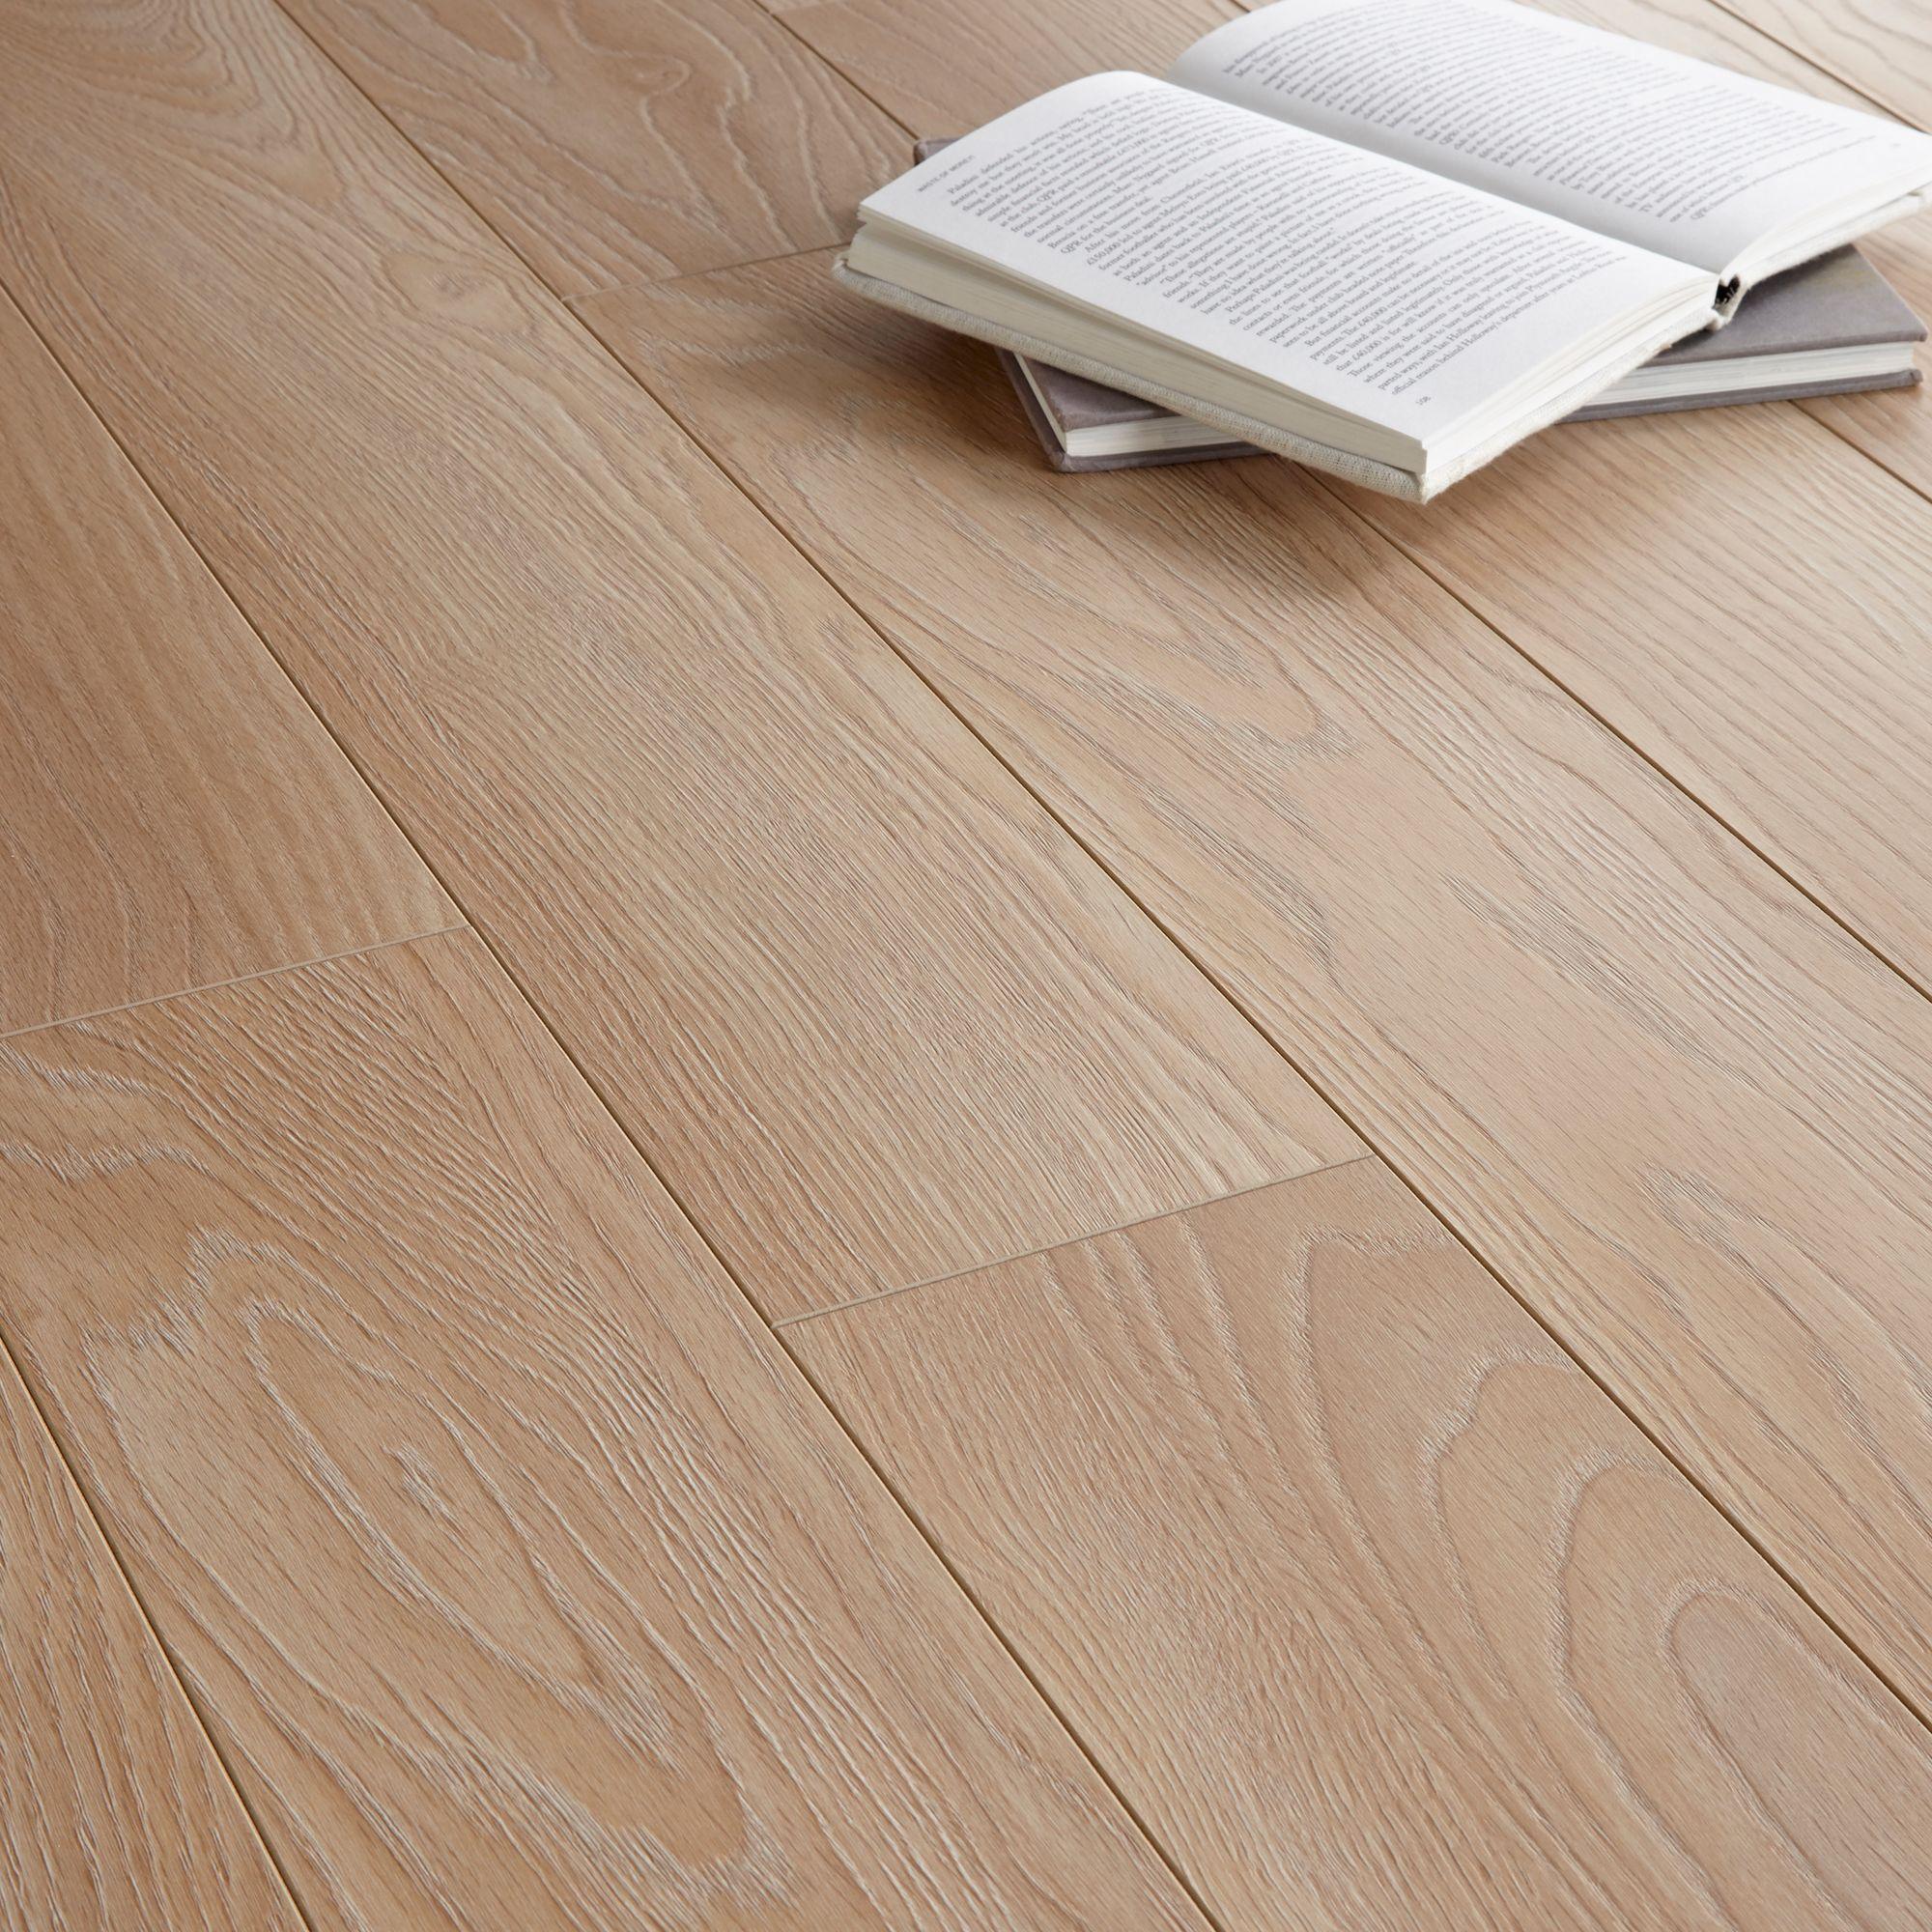 Floor mats b q - Colour